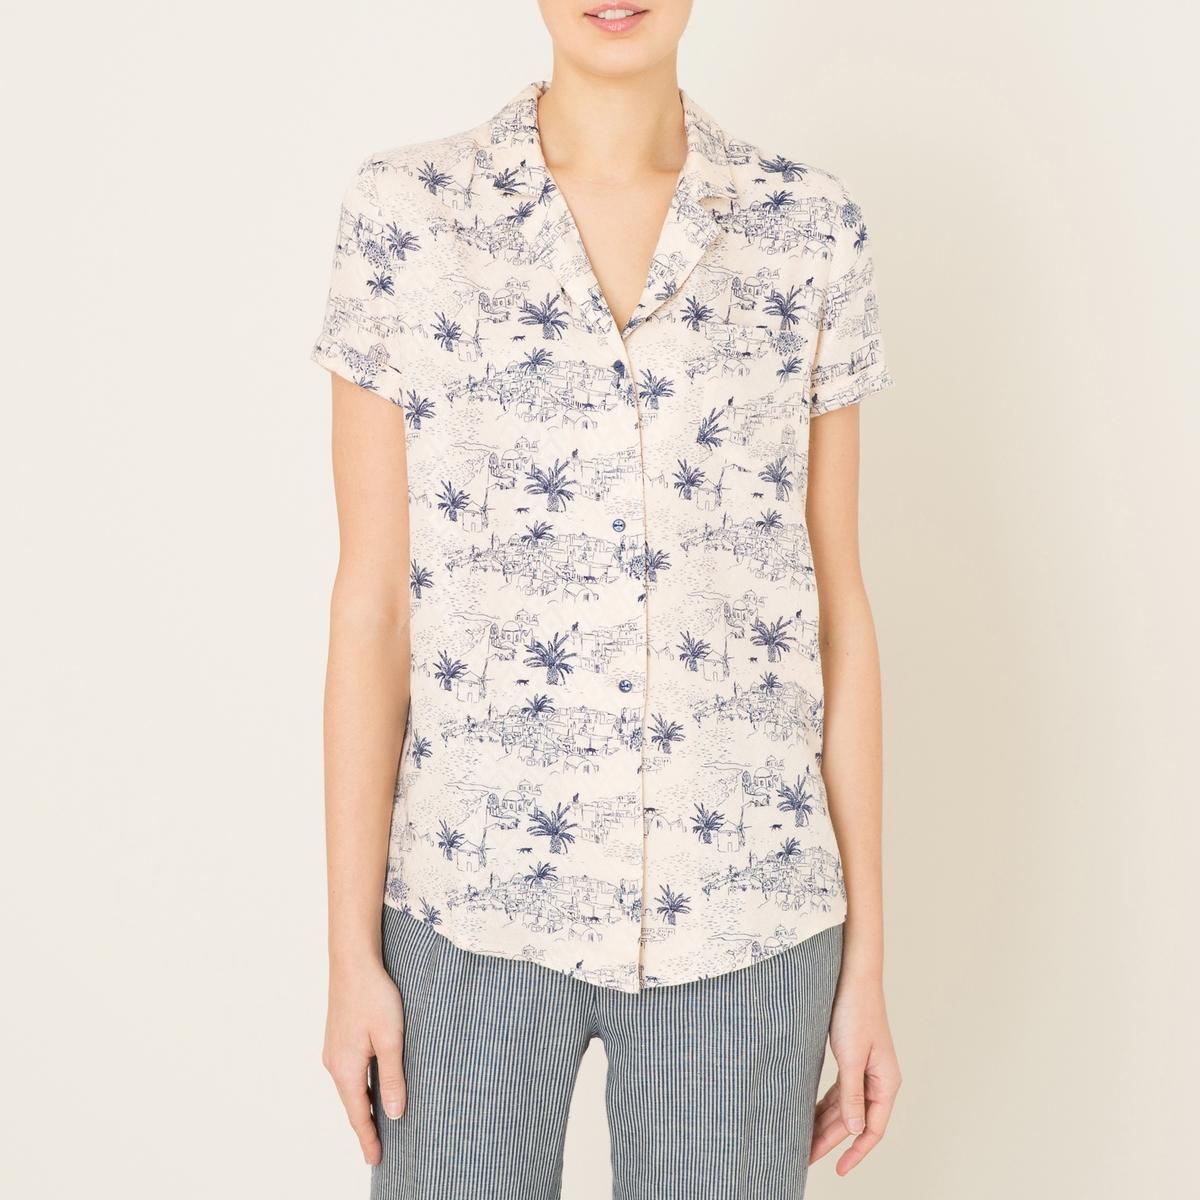 Рубашка с короткими рукавами OTATEAРубашка SESSUN - модель OTATEA. Классический рубашечный воротник. Короткие рукава с отворотами. Застежка на пуговицы. Нагрудный карман. Слегка закругленный низ. Сплошной рисунок.   Состав и описание   Материал : 100% вискоза   Марка : SESSUN<br><br>Цвет: рисунок/экрю